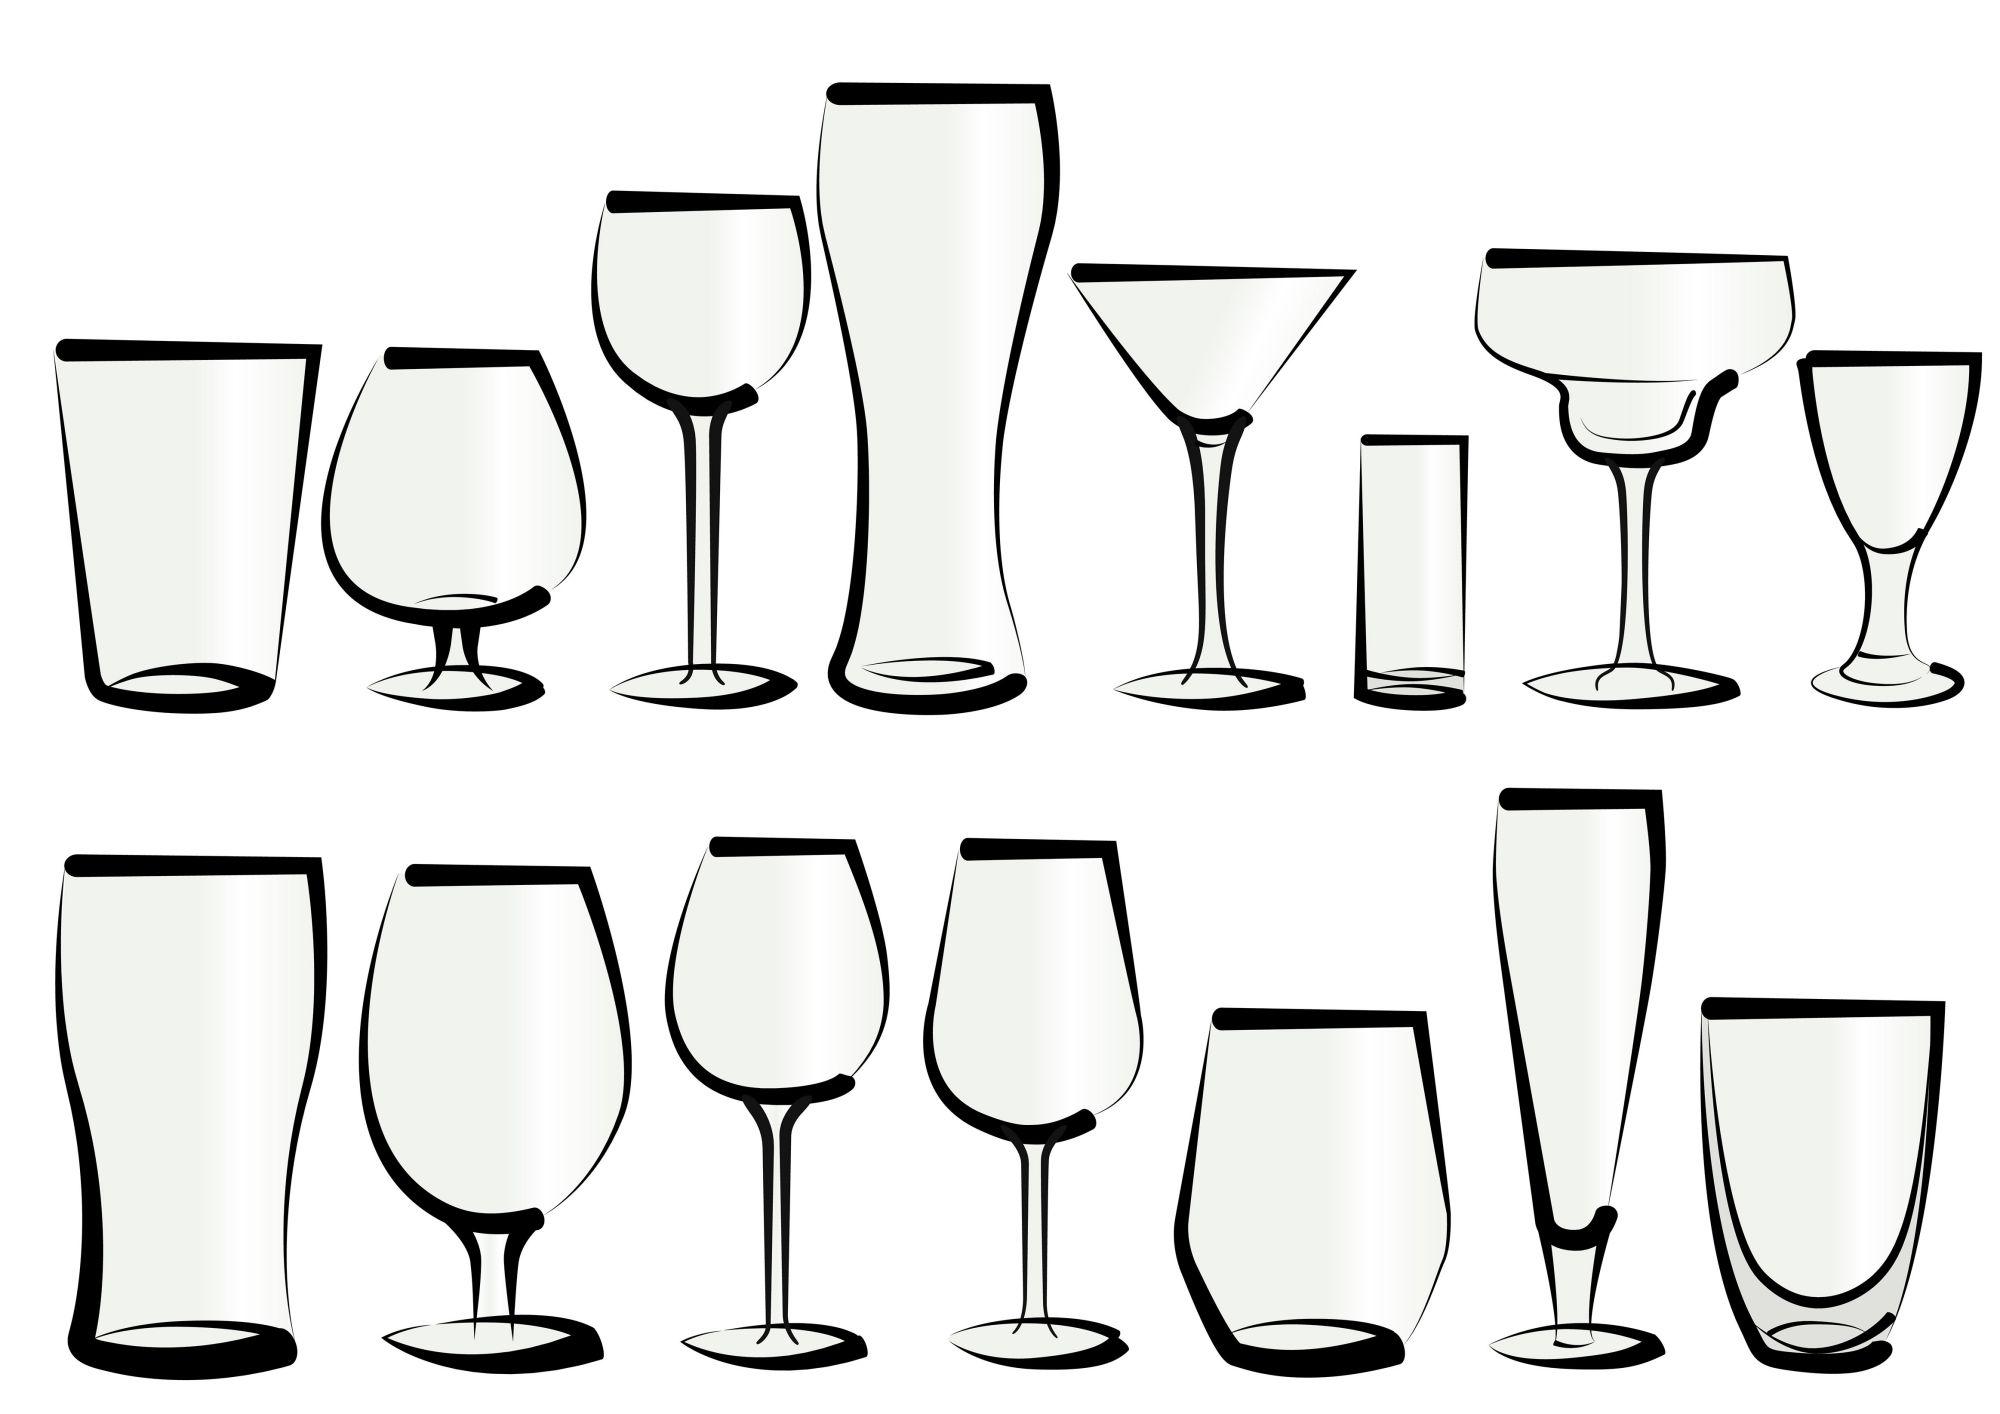 グラス 種類 イラスト 様々な形状 一覧